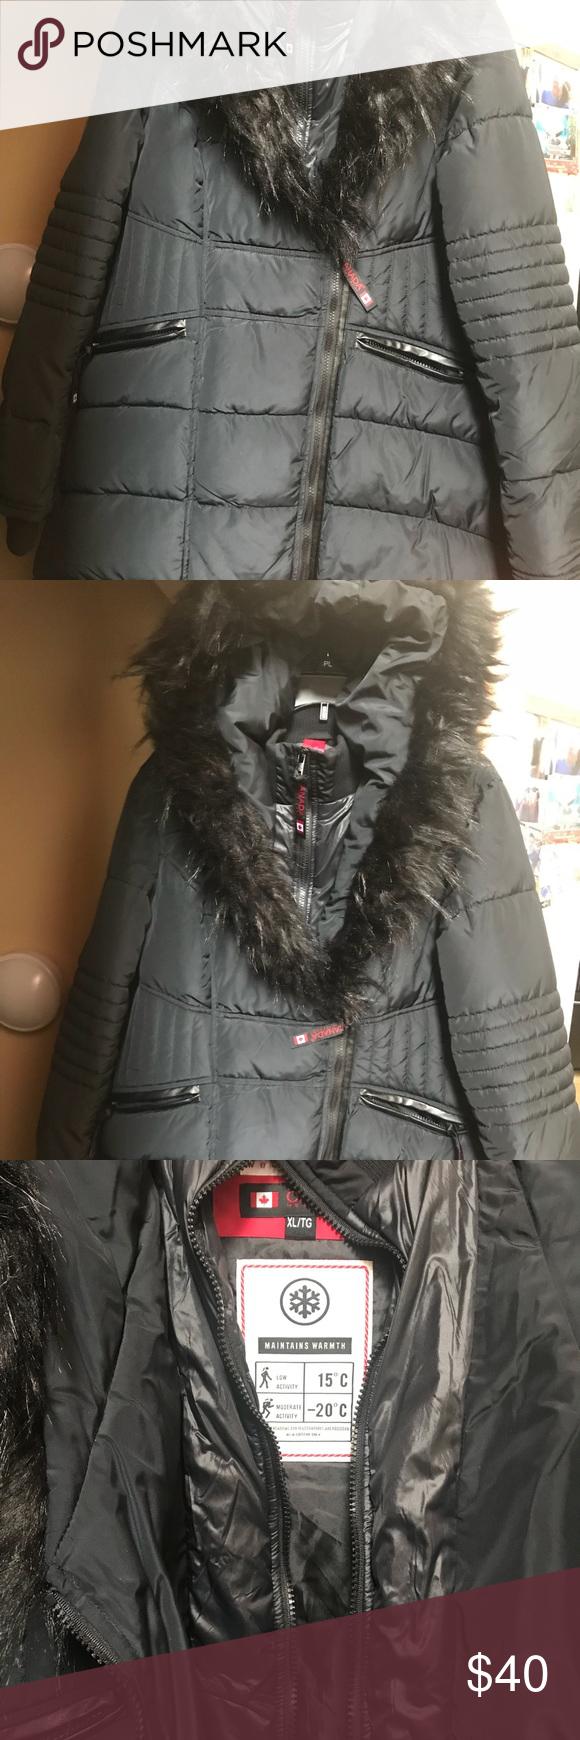 Very Warm Xl Canada Weather Gear Jacket Jackets Women Shopping Winter Jackets [ 1740 x 580 Pixel ]